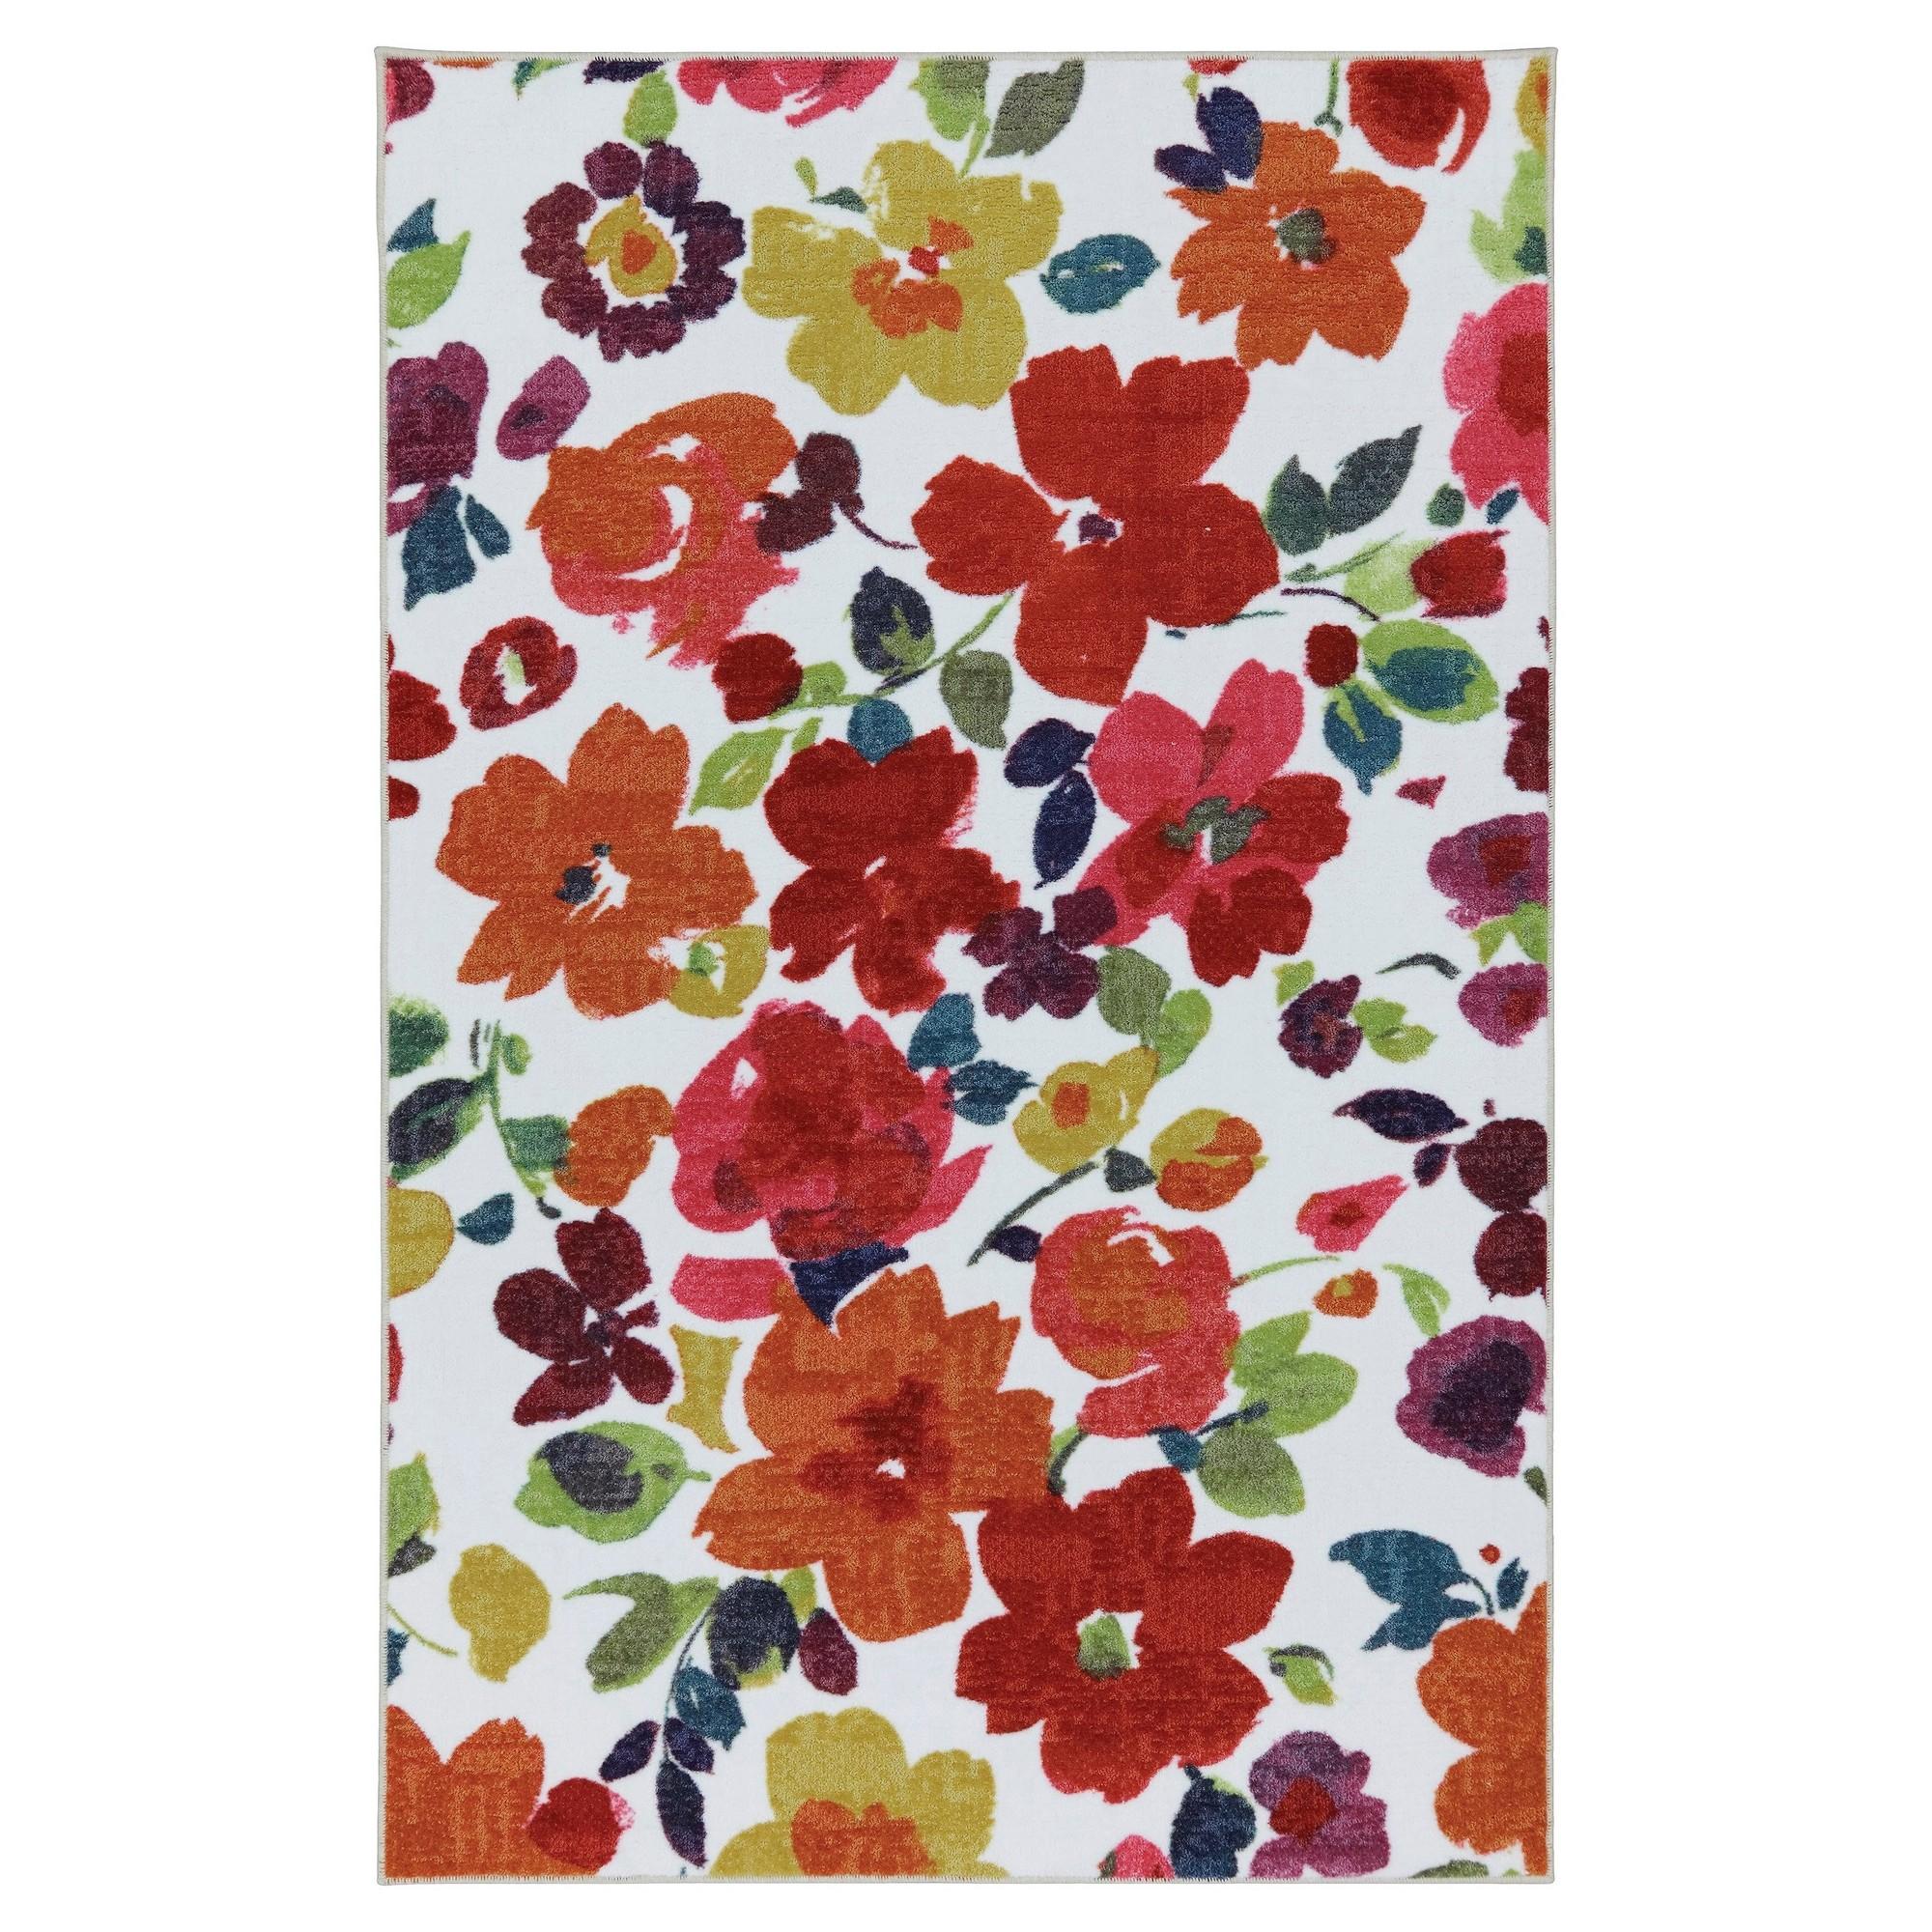 Mohawk floral area rug uxu multicolored floral area rugs